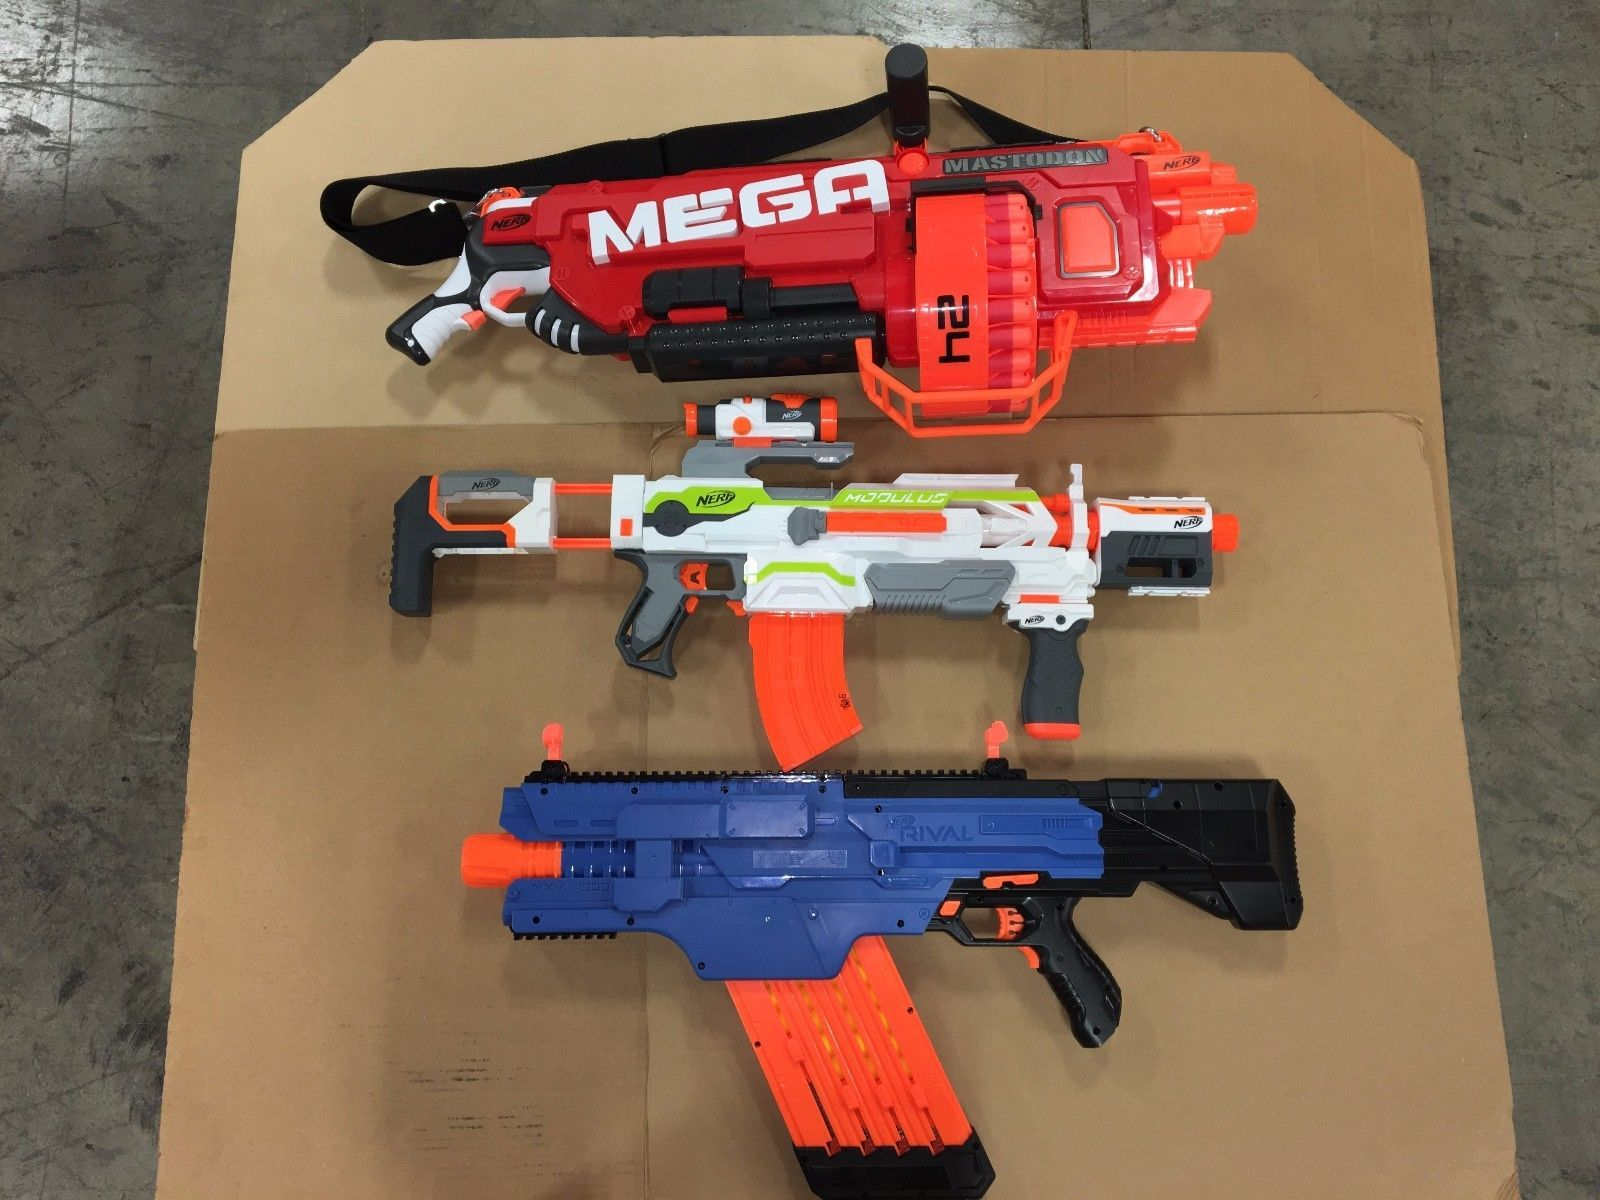 Nerf MEGA MASTODON BLASTER RIVAL KHAOS BLASTER Modulus ECS-10 Blaster Combo!